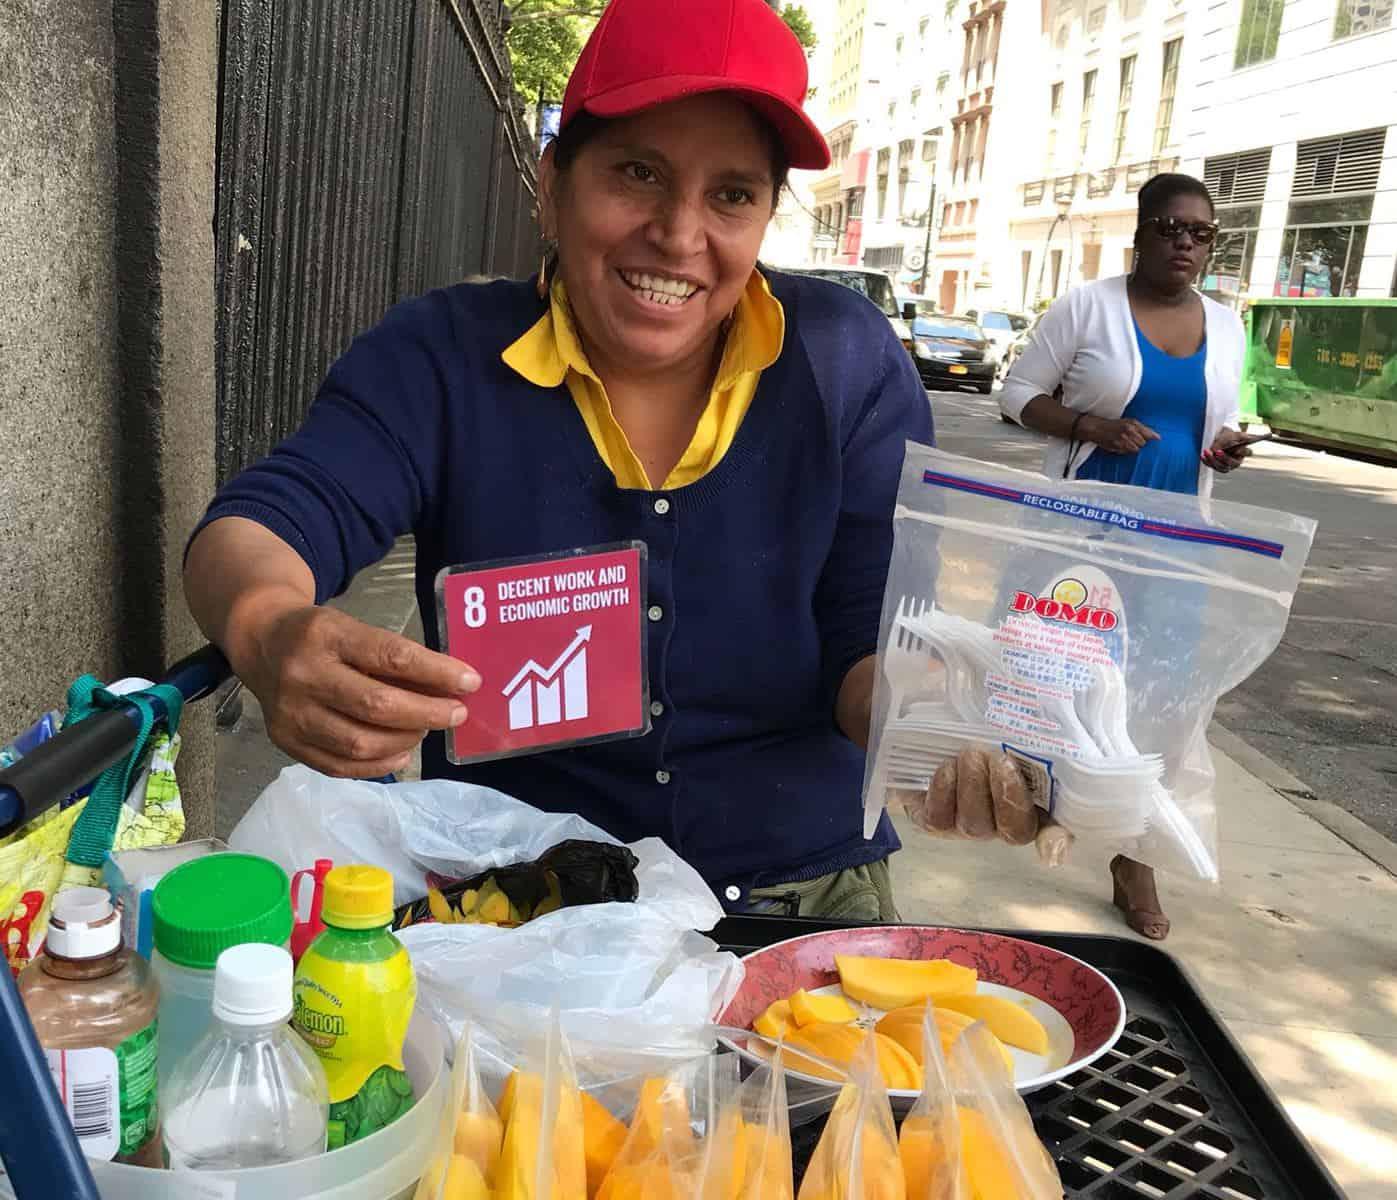 Als Jugendbotschafterin für UN-Kinderrechte und SDGs in New York 9